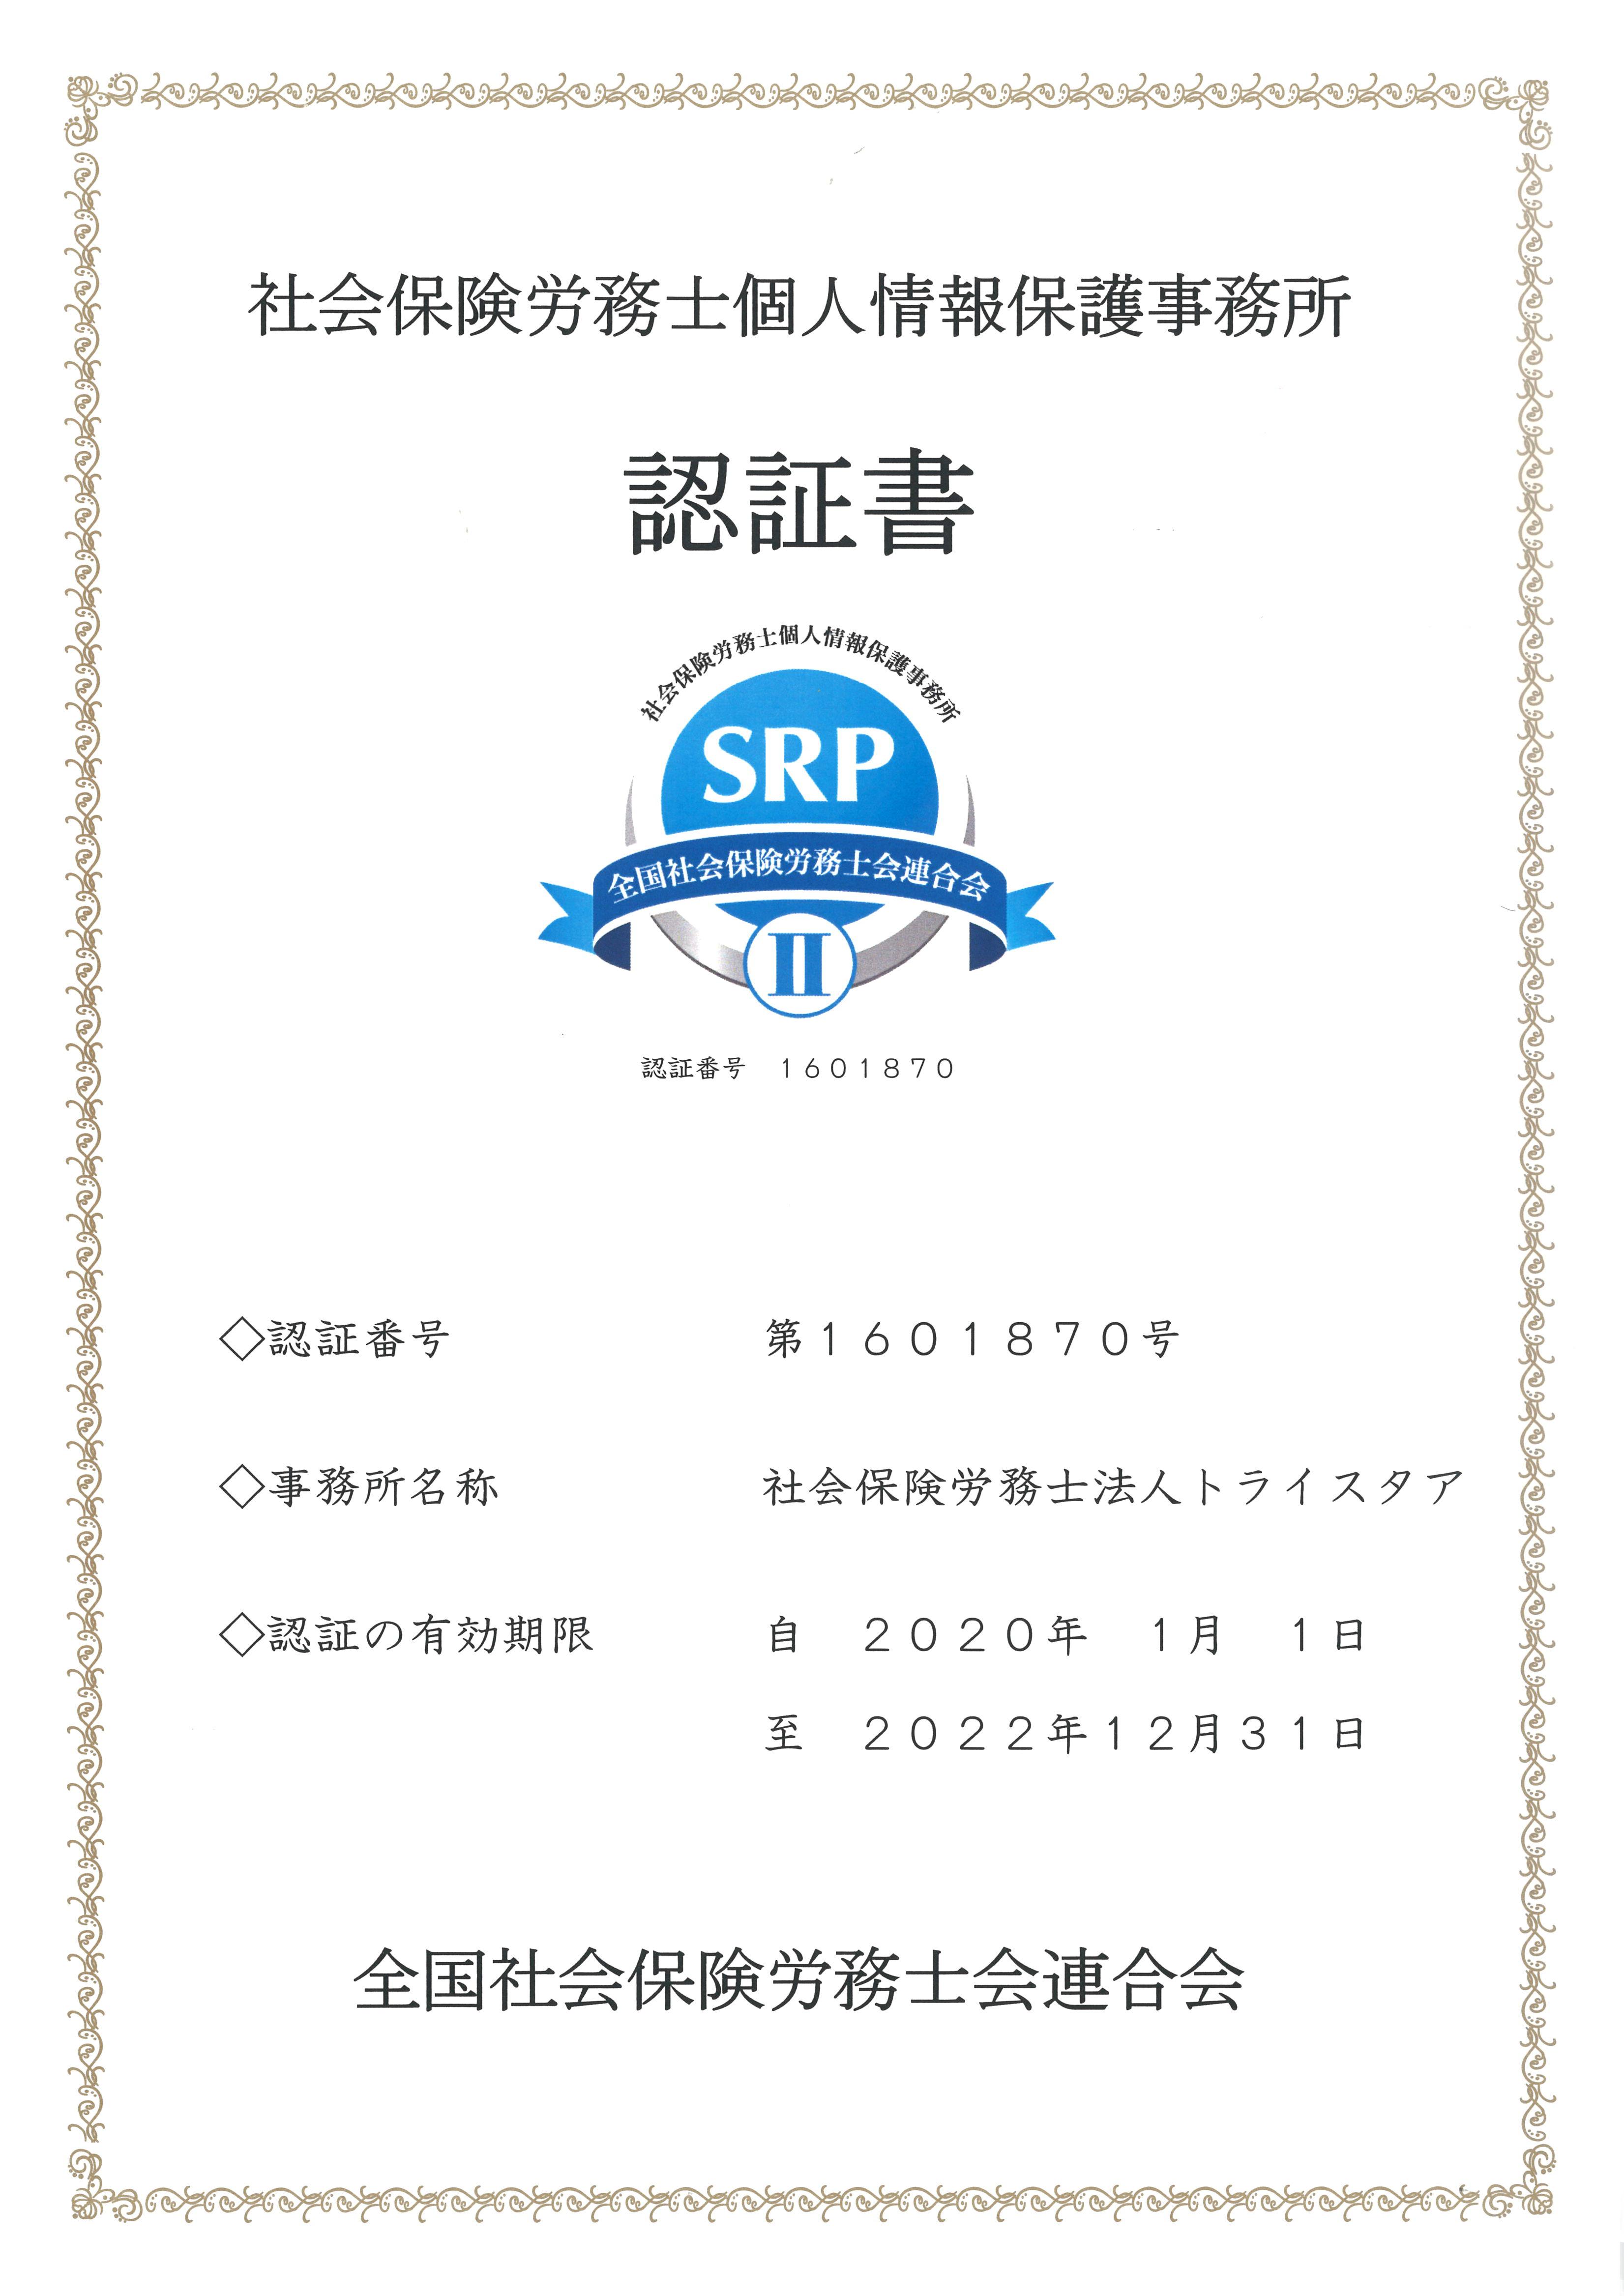 SRPⅡ認証マークとは